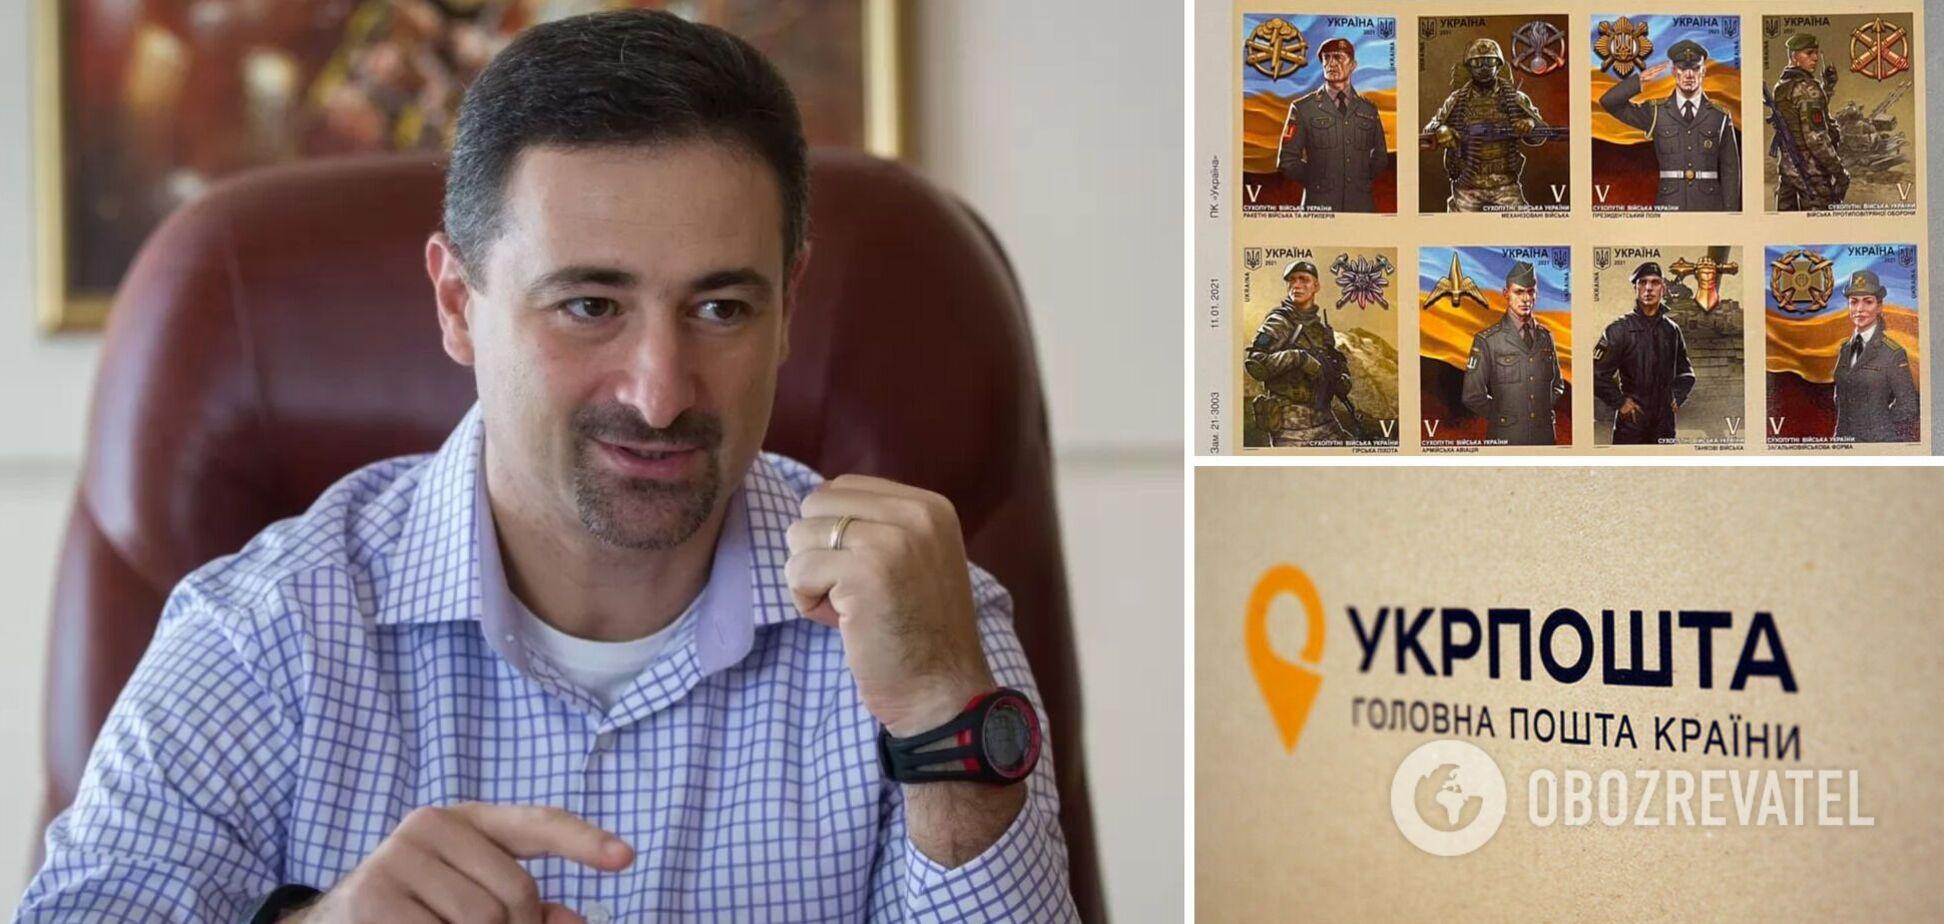 В 'Укрпошті' виправдалися за ідею презентувати марки на честь ЗСУ 23 лютого